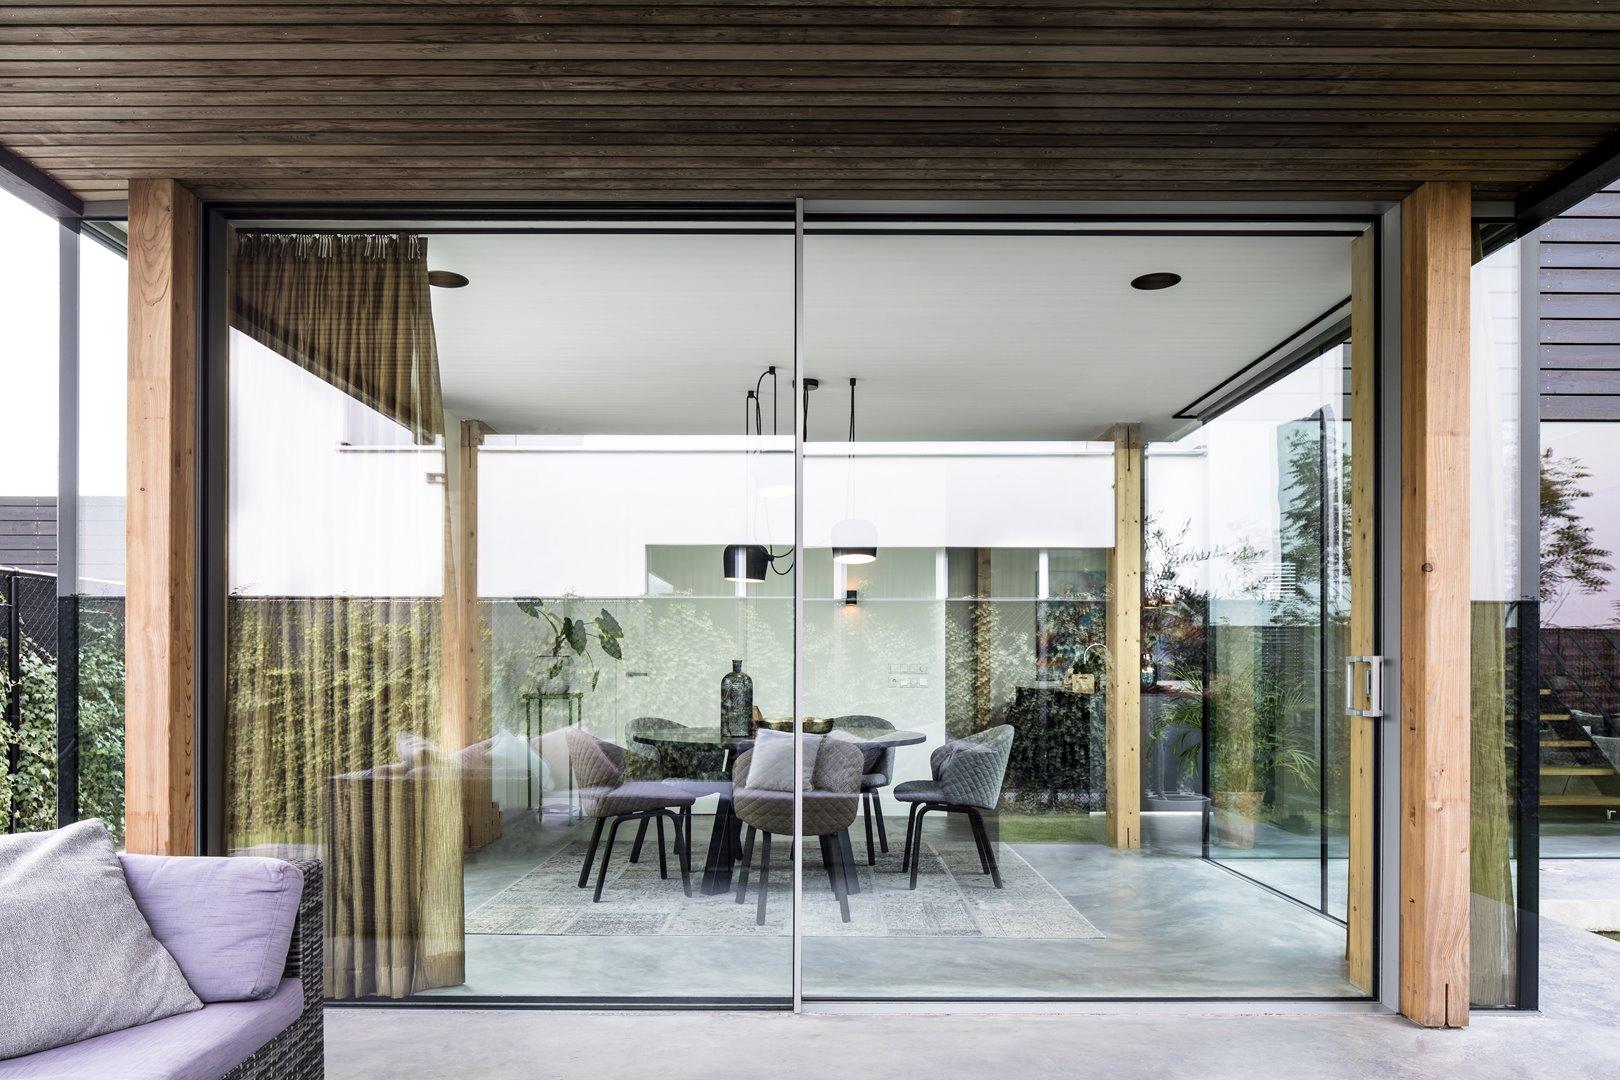 Porte coulissante au design minimaliste vitrée jusqu'au plafond